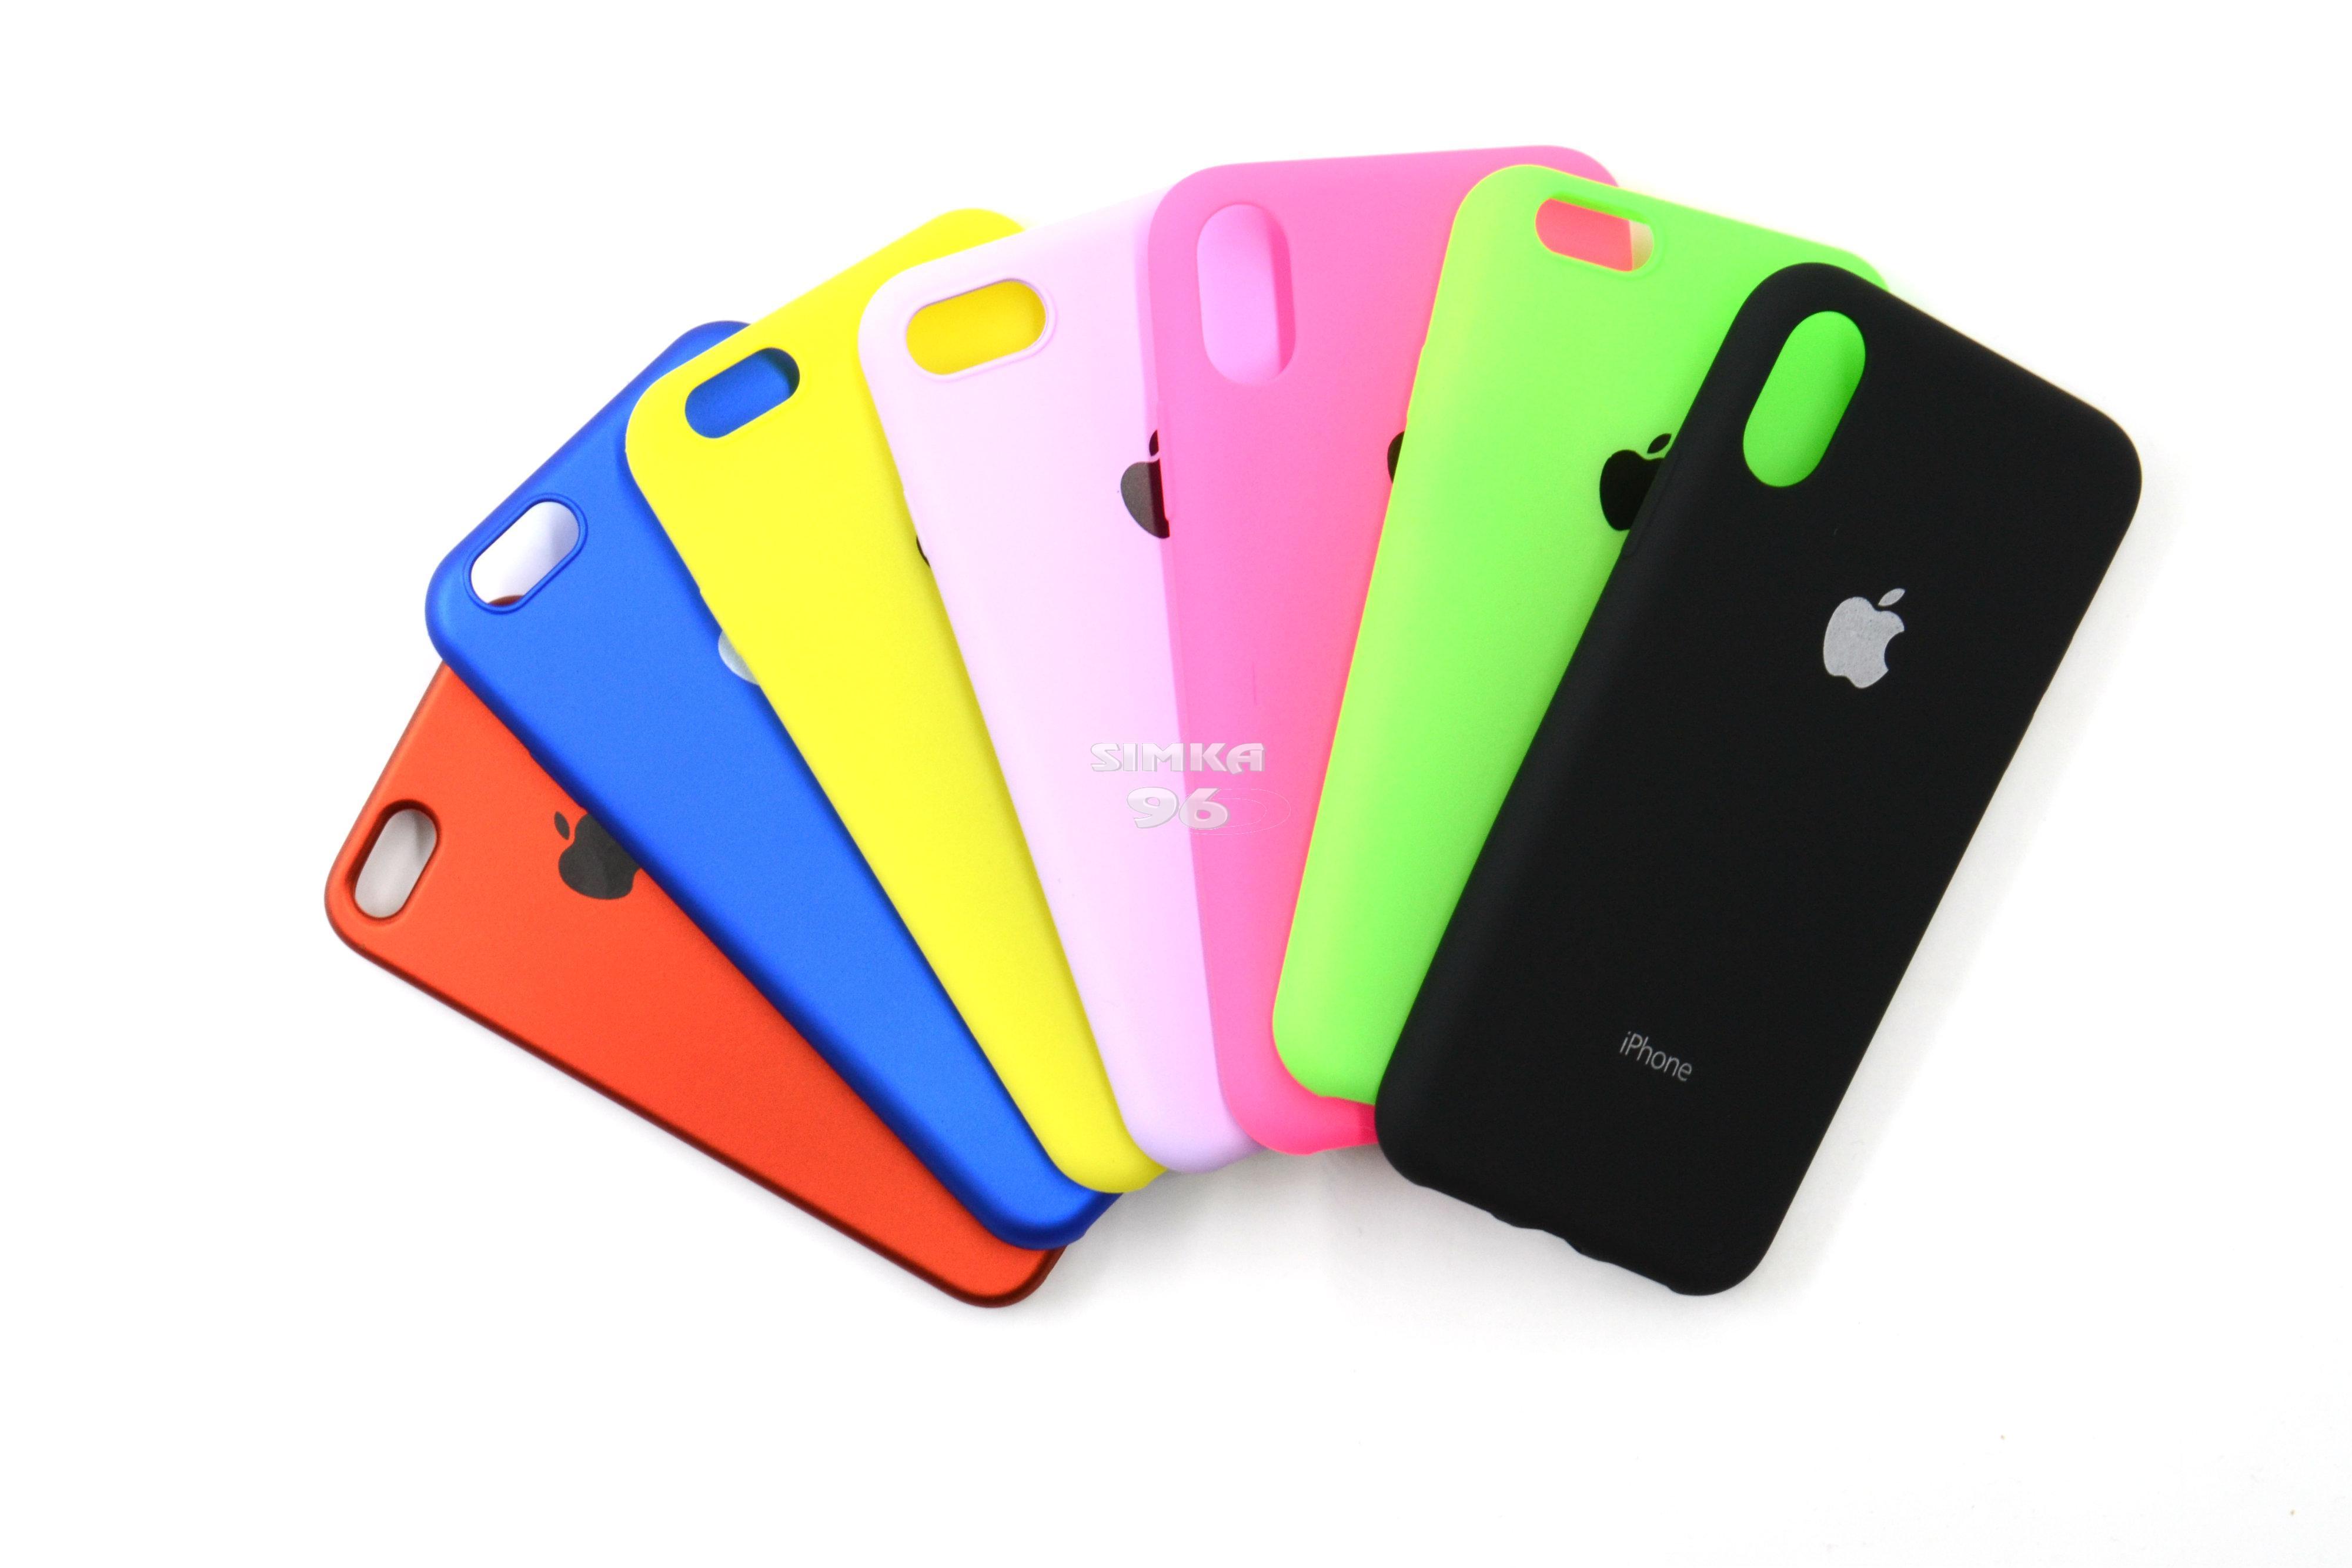 Чехол задник для iPhone 7+ гель цветной матовый